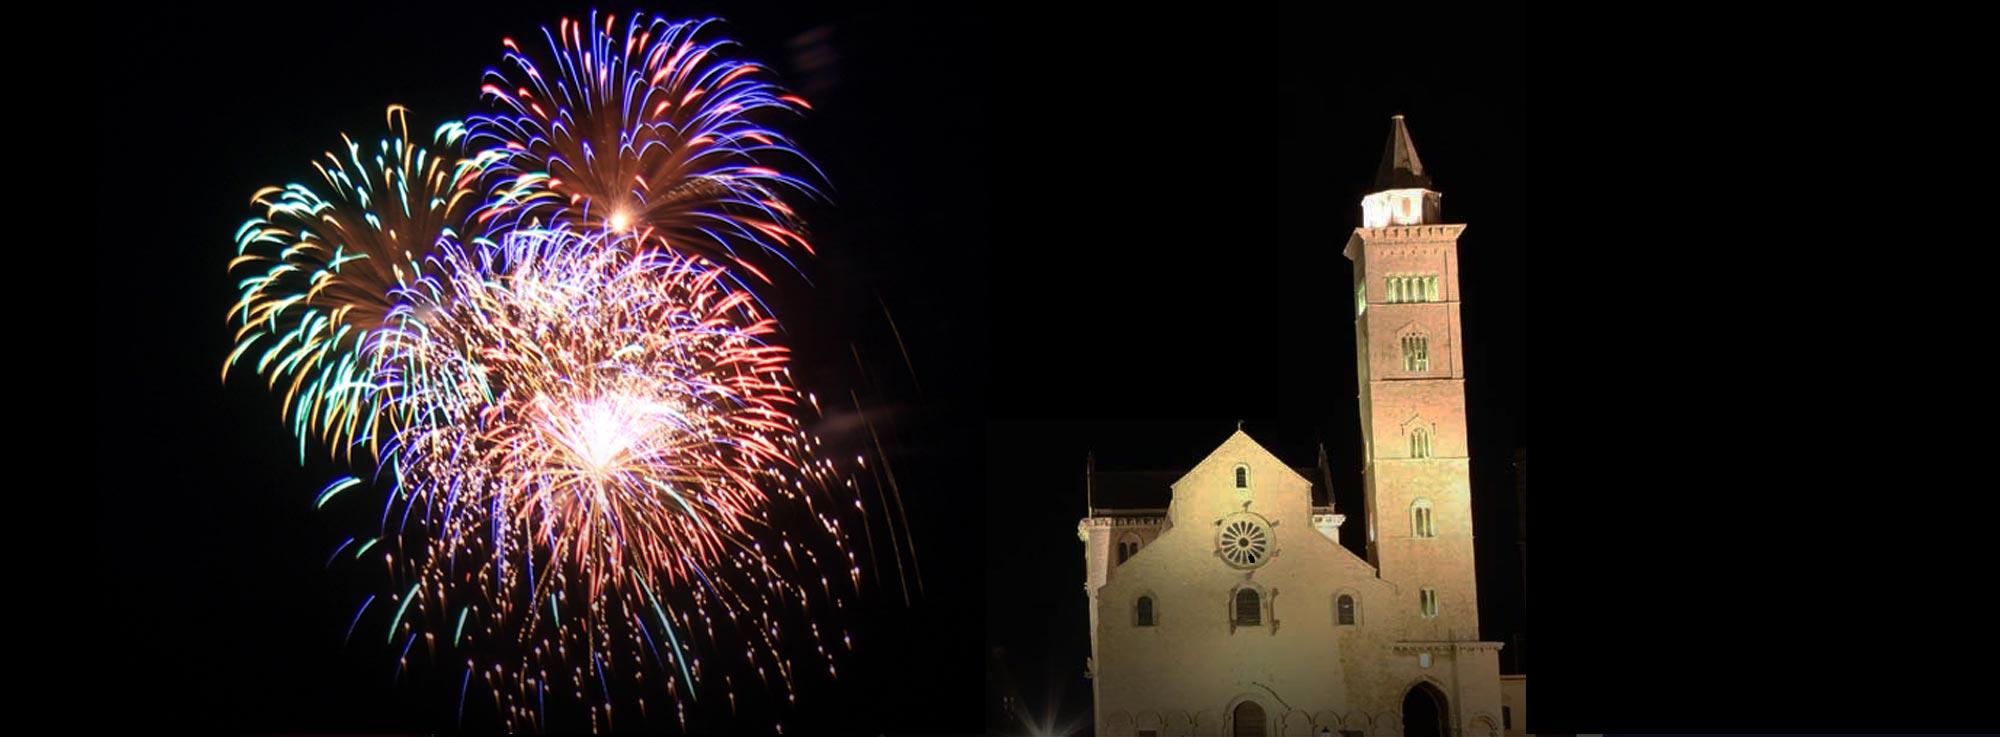 Trani: Festival di Arte Pirotecnica